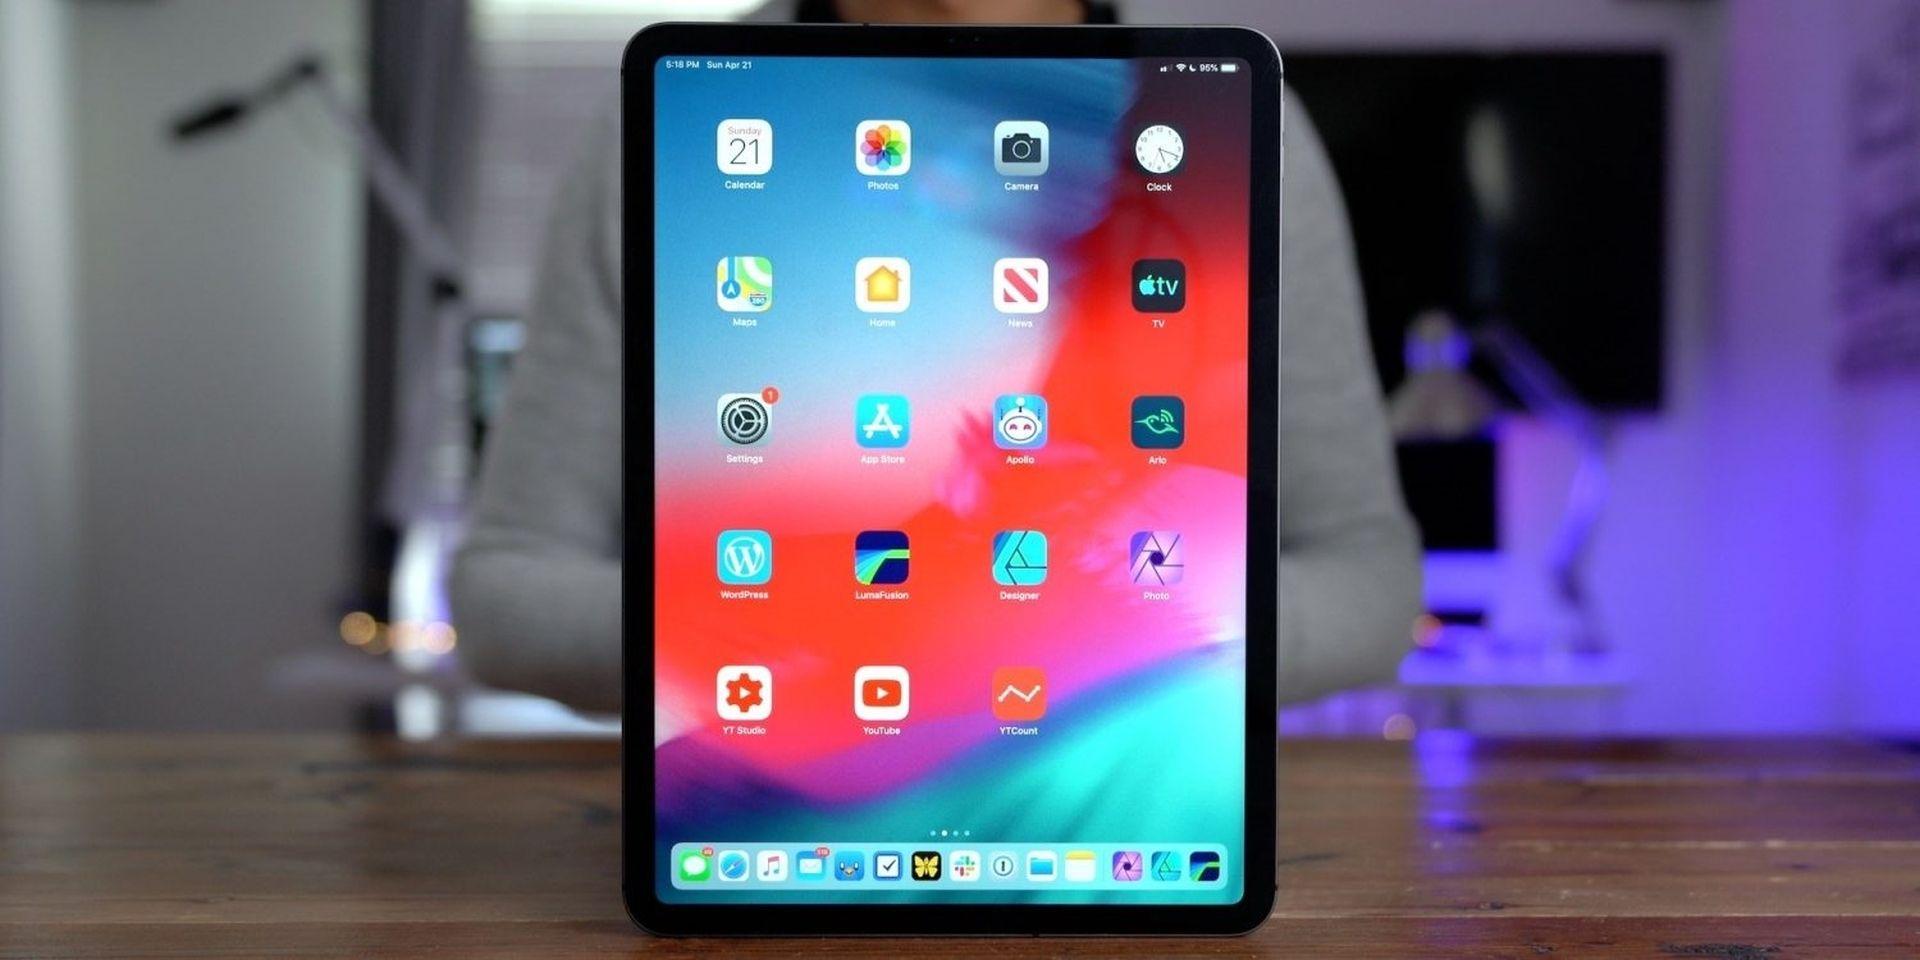 Najnowsze informacje o bliskiej premierze nowych modeli iPadów